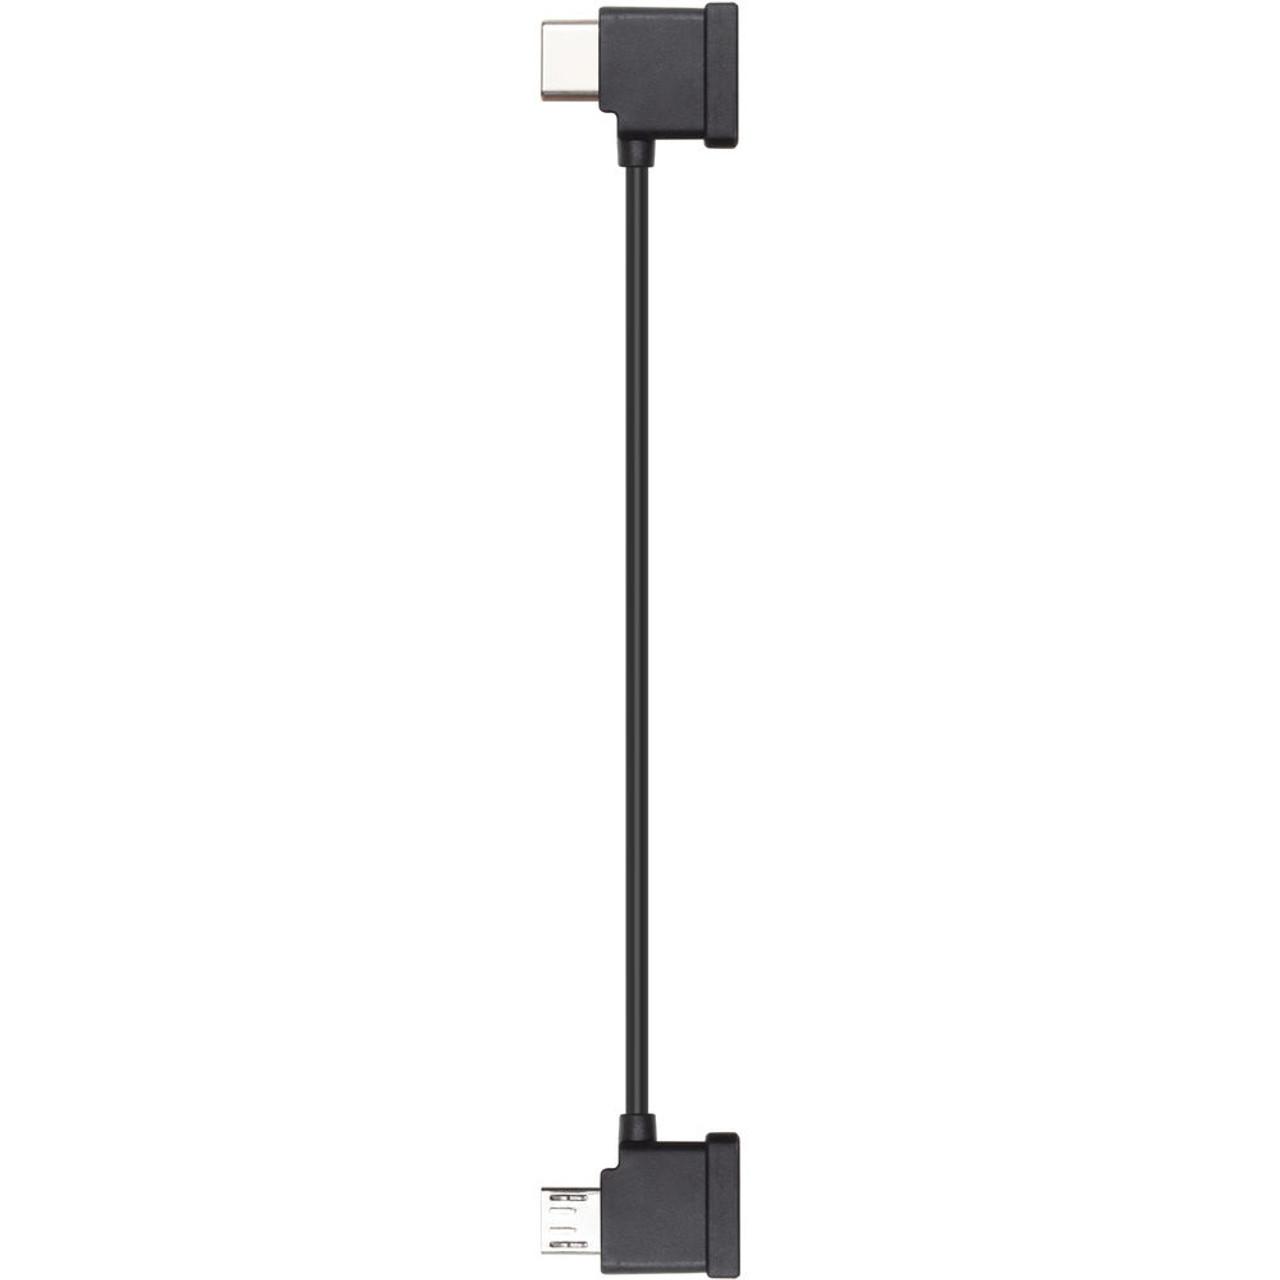 Mavic Air 2 RC Cable (microUSB)